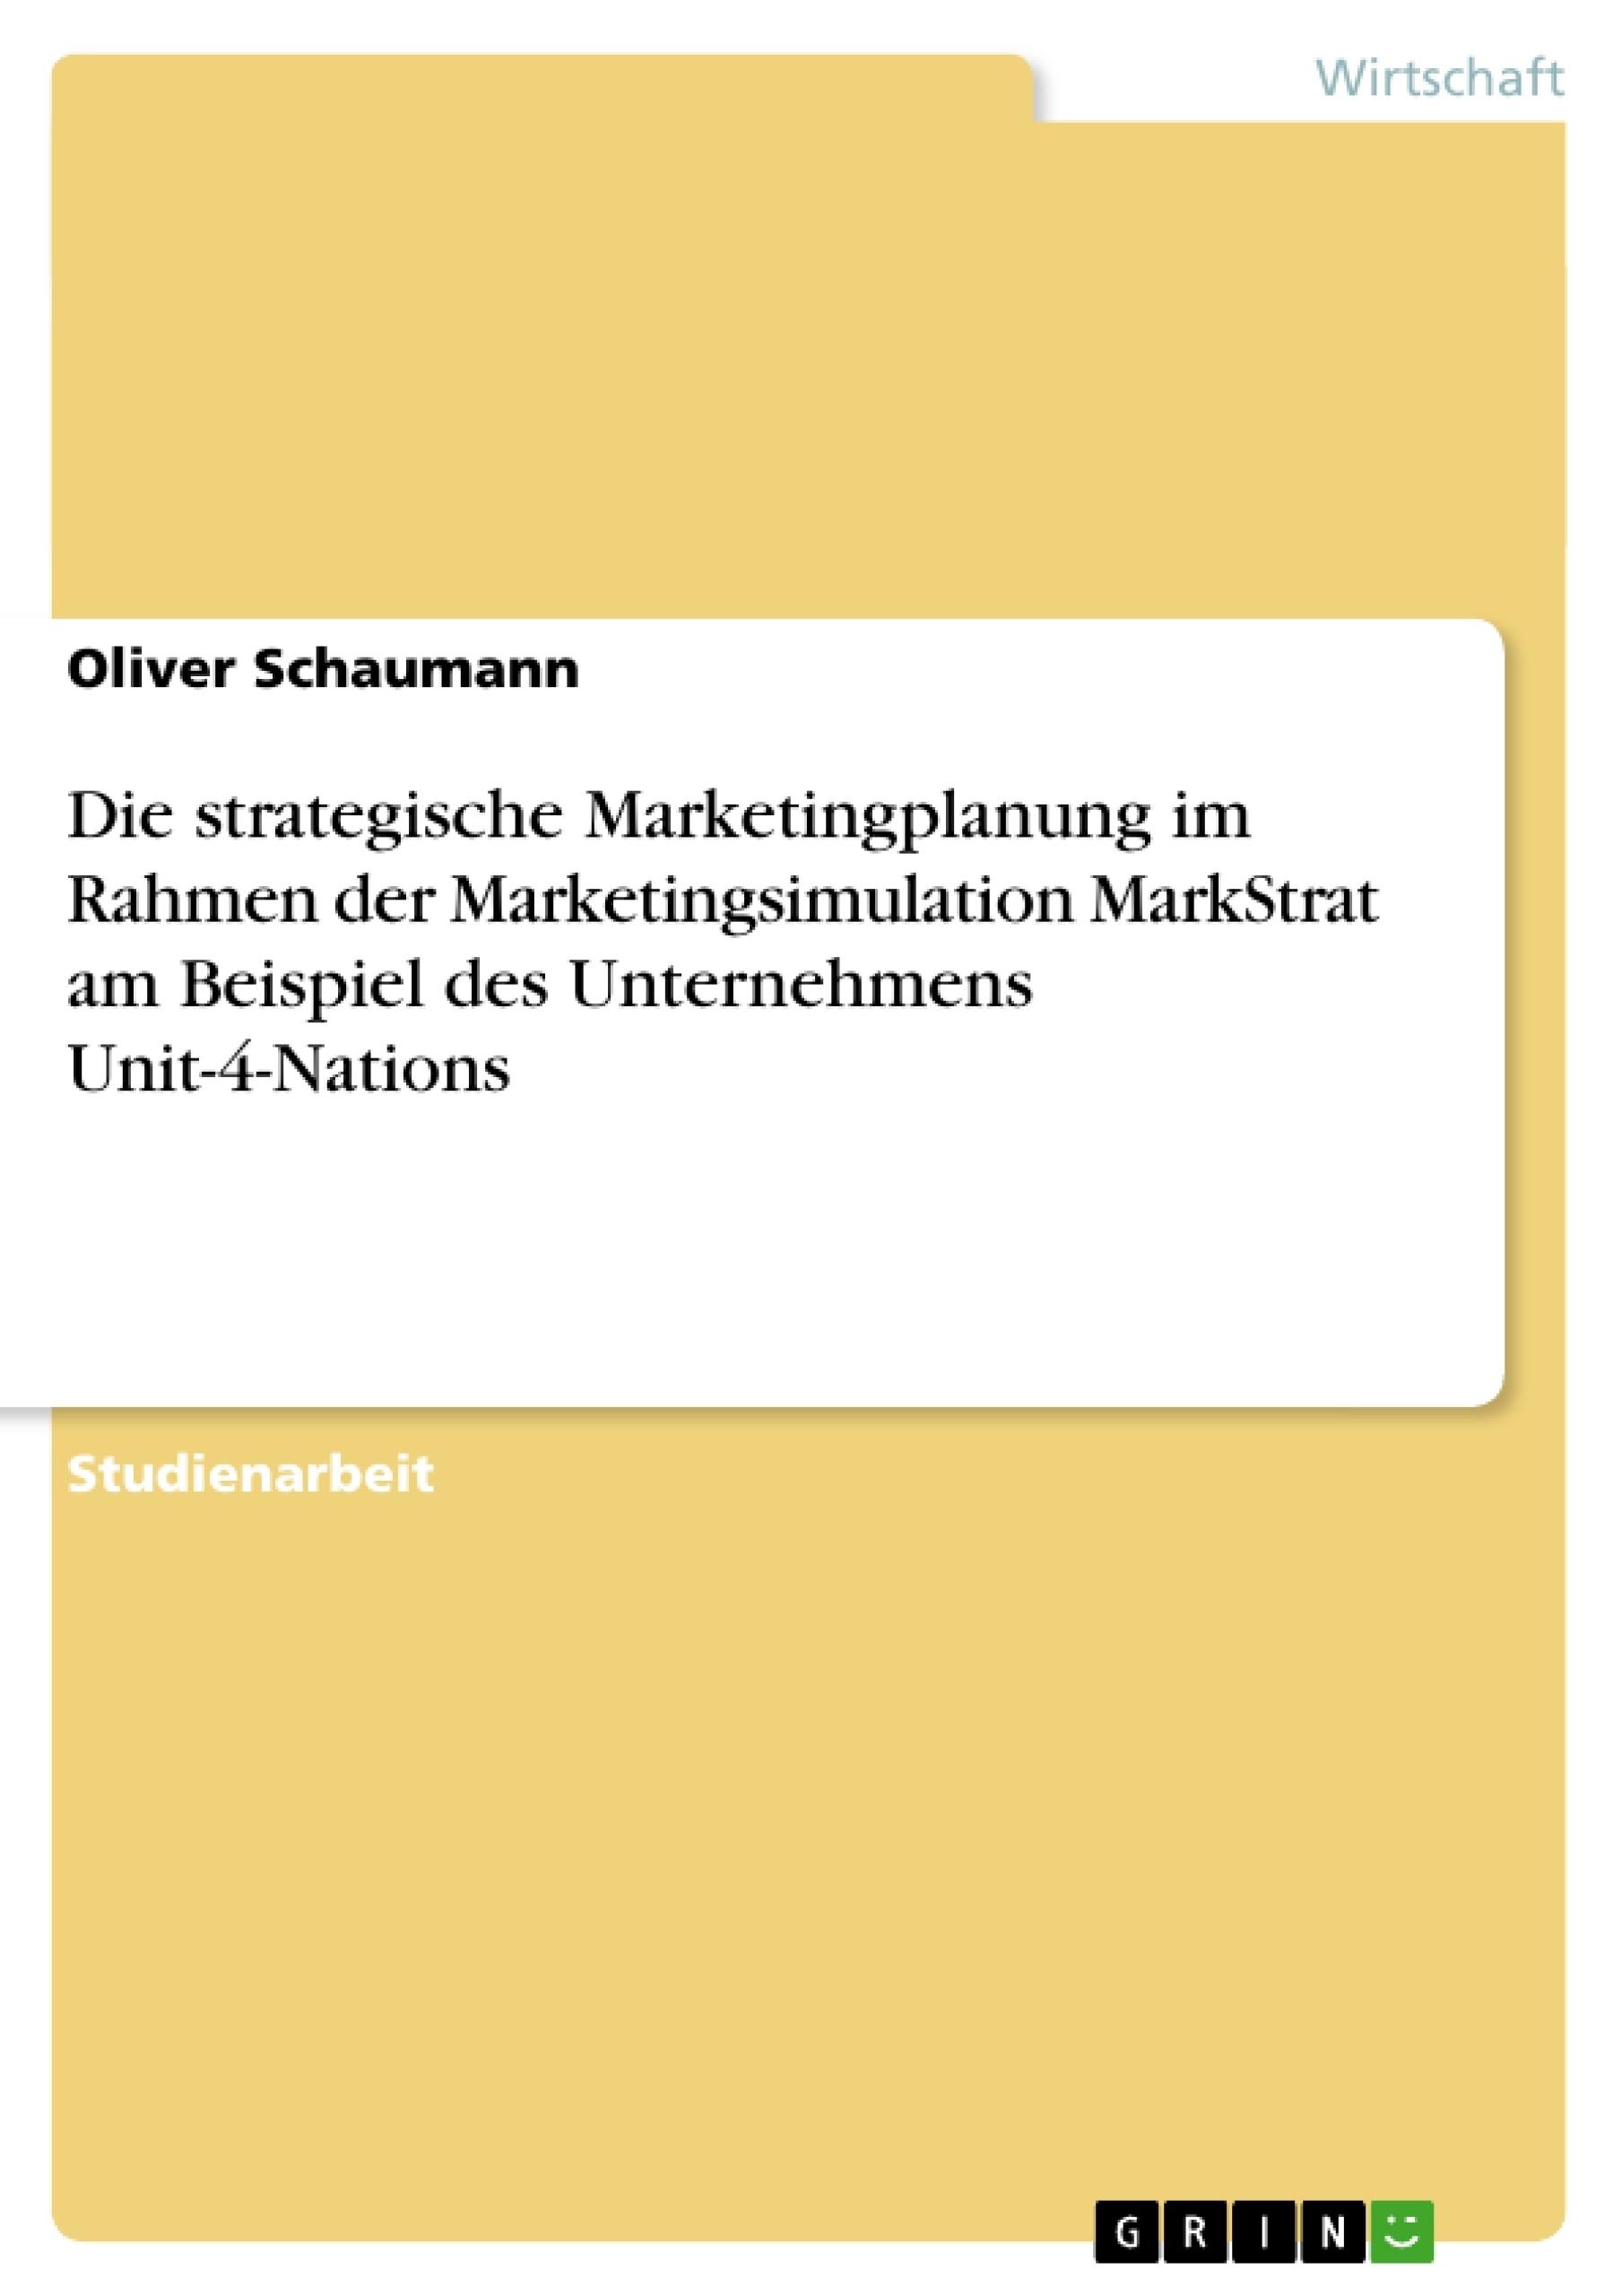 Die strategische Marketingplanung im Rahmen der ... | Masterarbeit ...